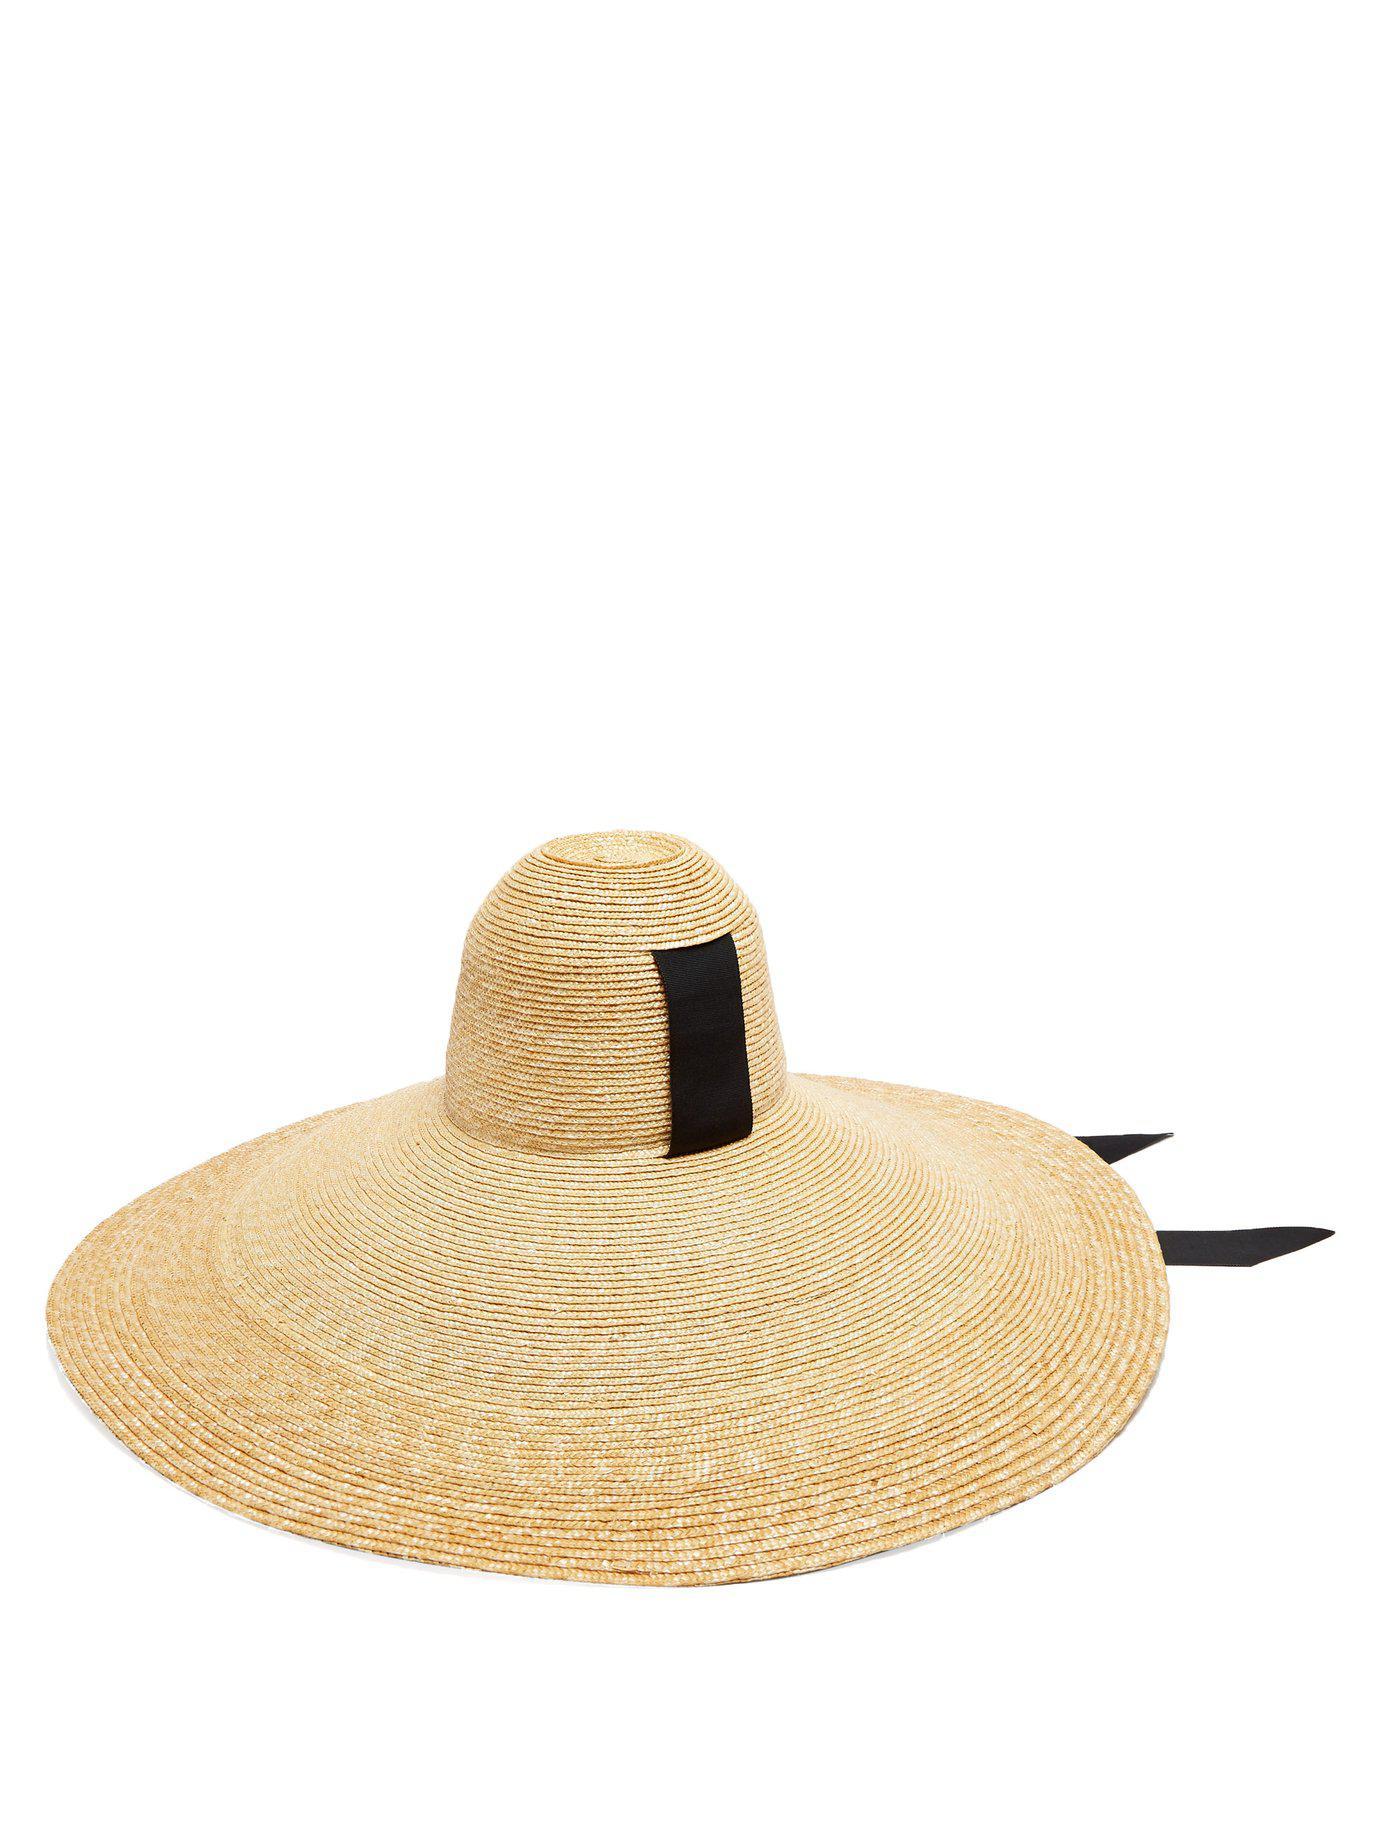 071cca9f927 Lyst - Lola Hats Sugar Cone Wide Brim Straw Hat in Black